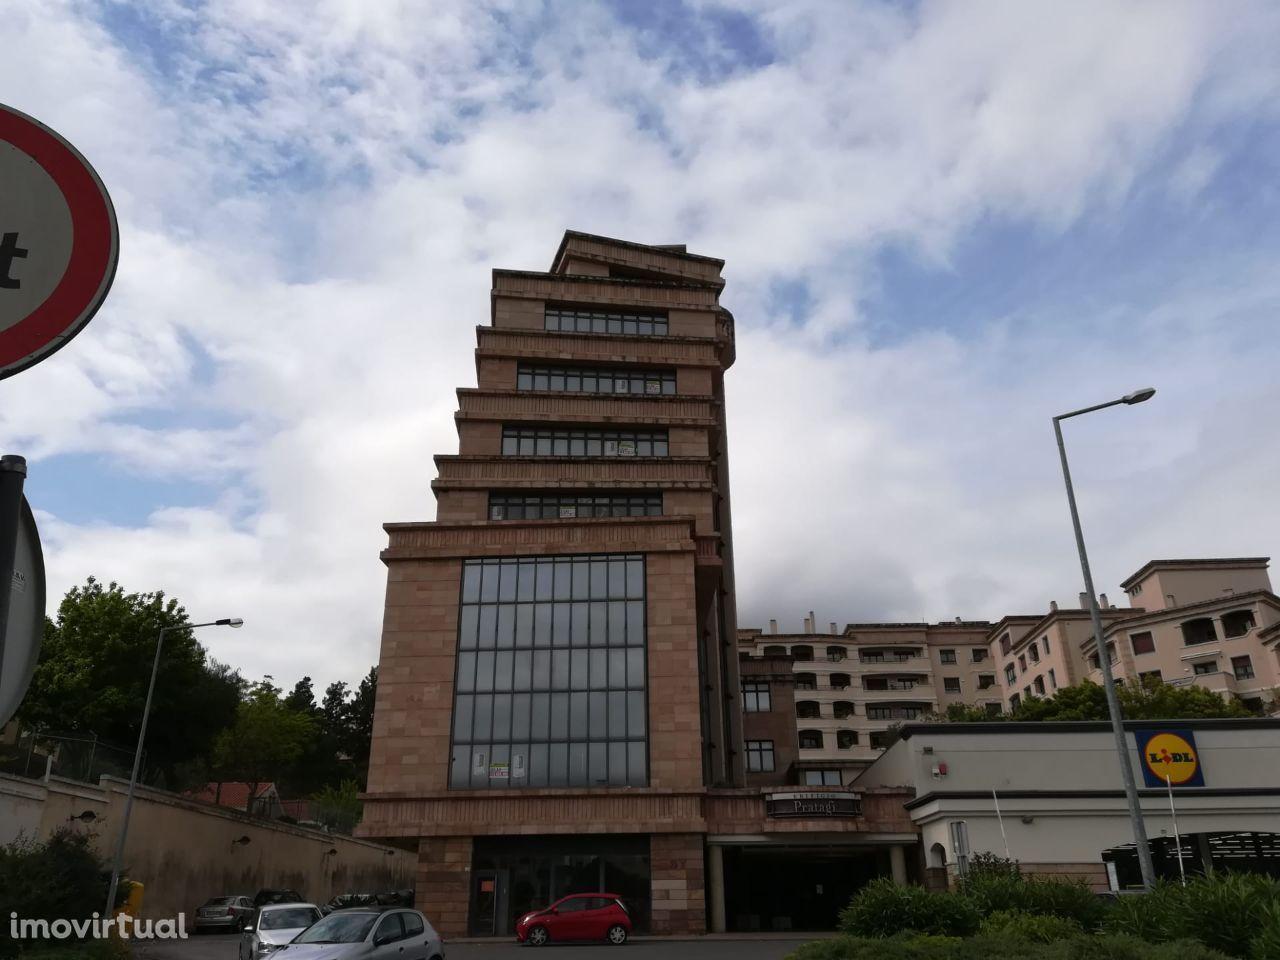 LCL1804 - Escritório para venda, em Vila Franca de XIra